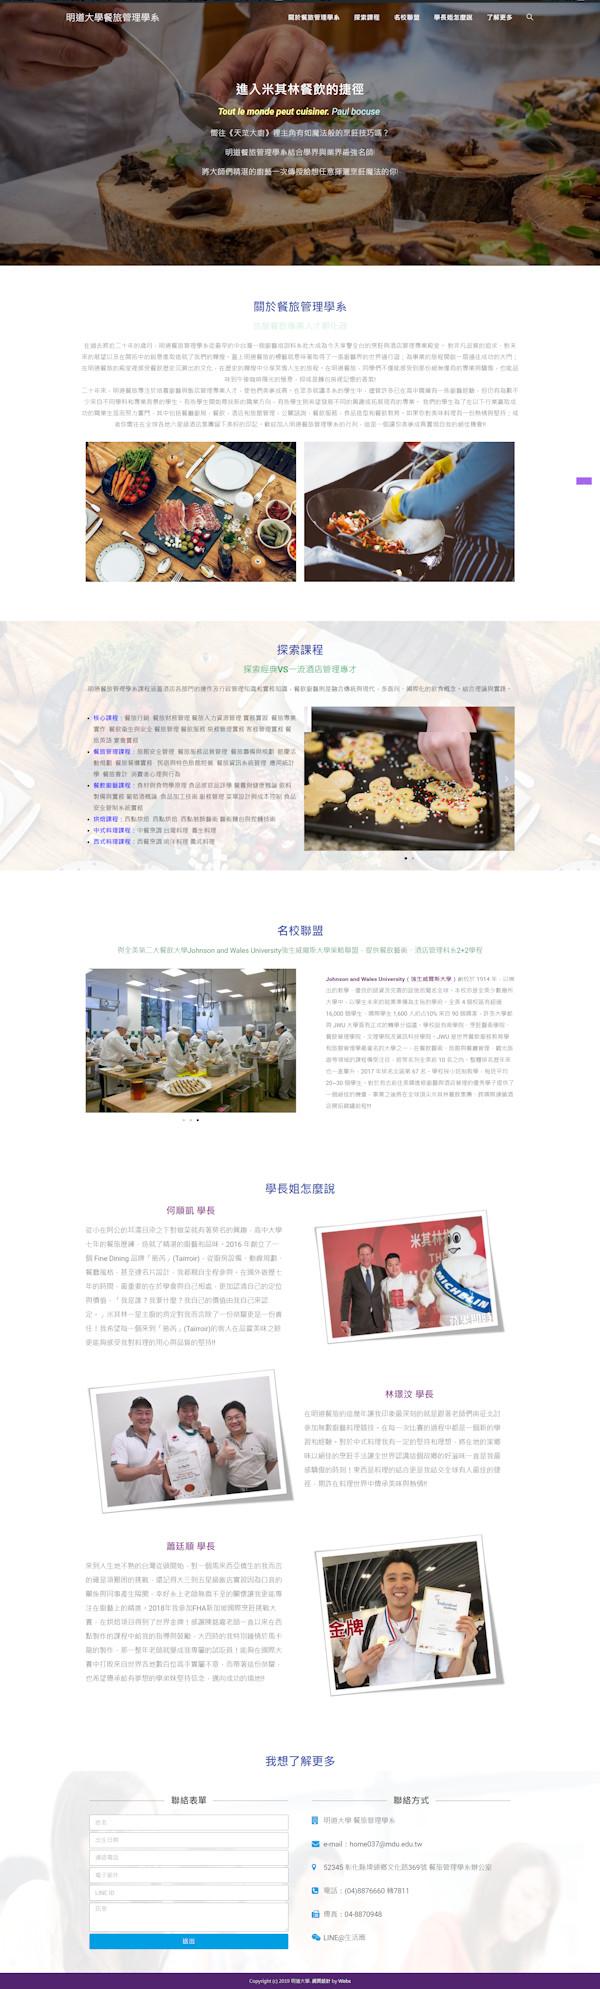 網頁設計-大學餐飲系1